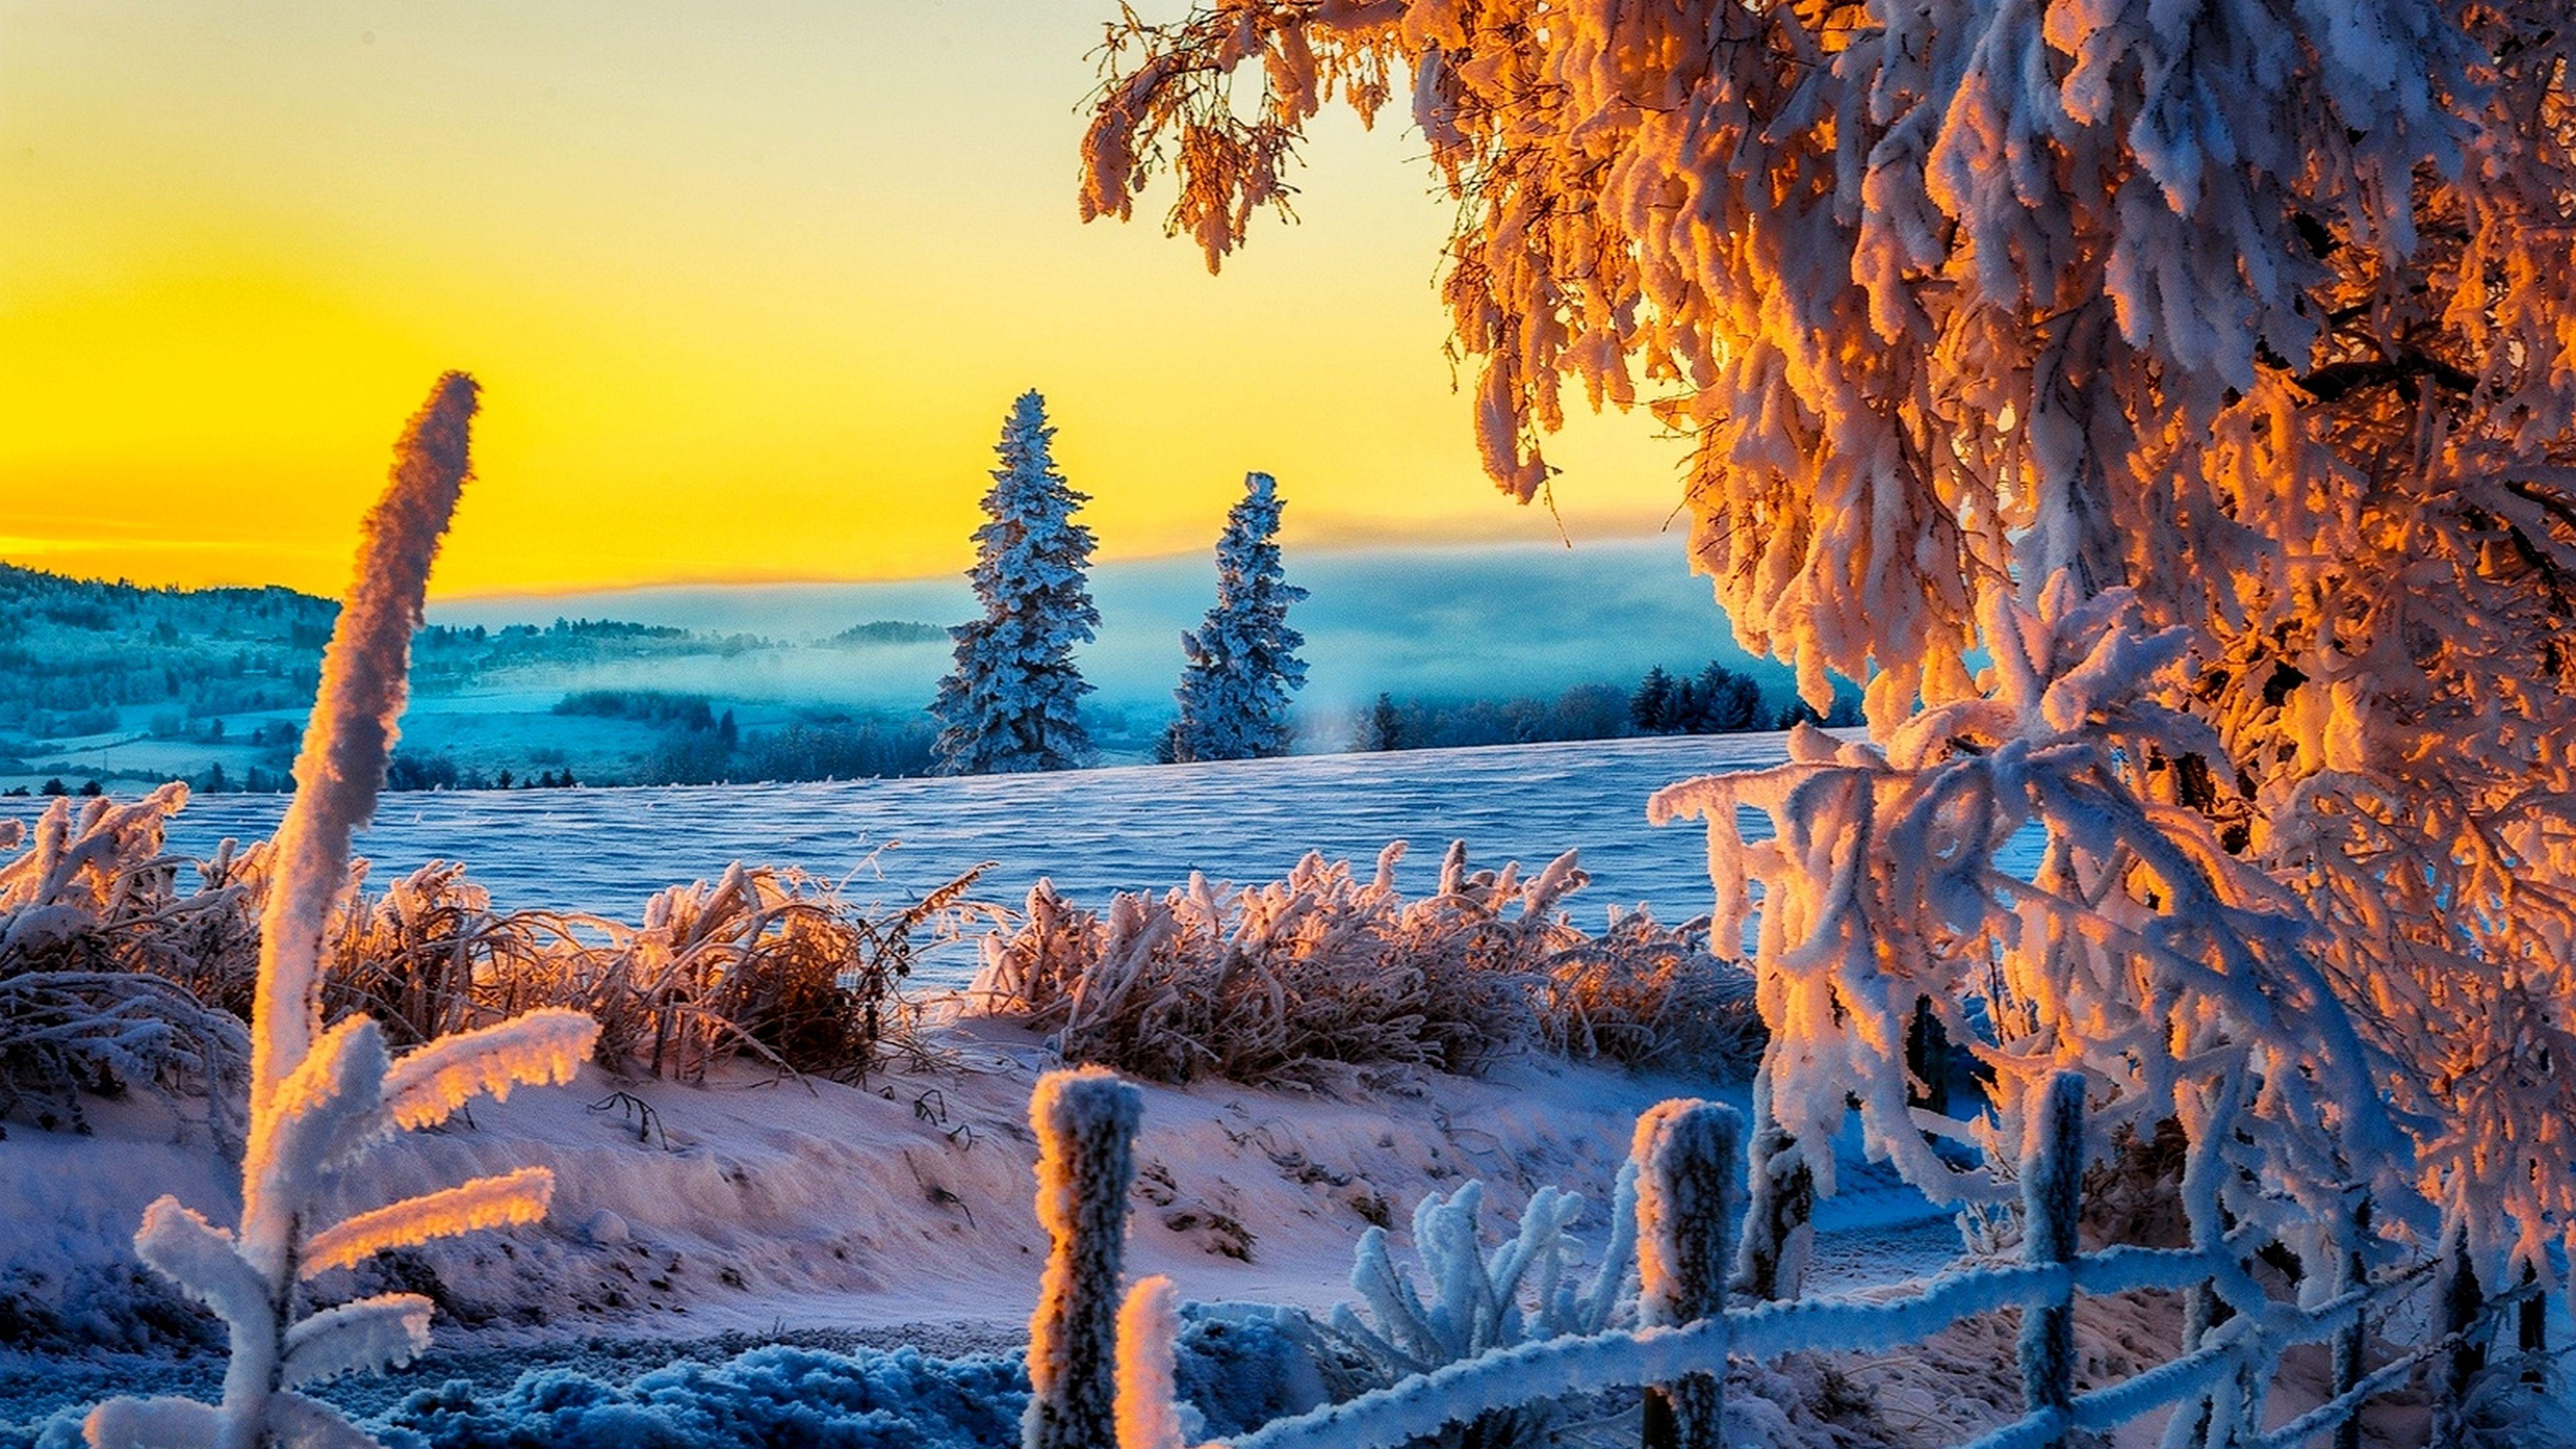 4k Backgrounds Is Cool Wallpapers Winter Landscape Sunset Landscape Landscape